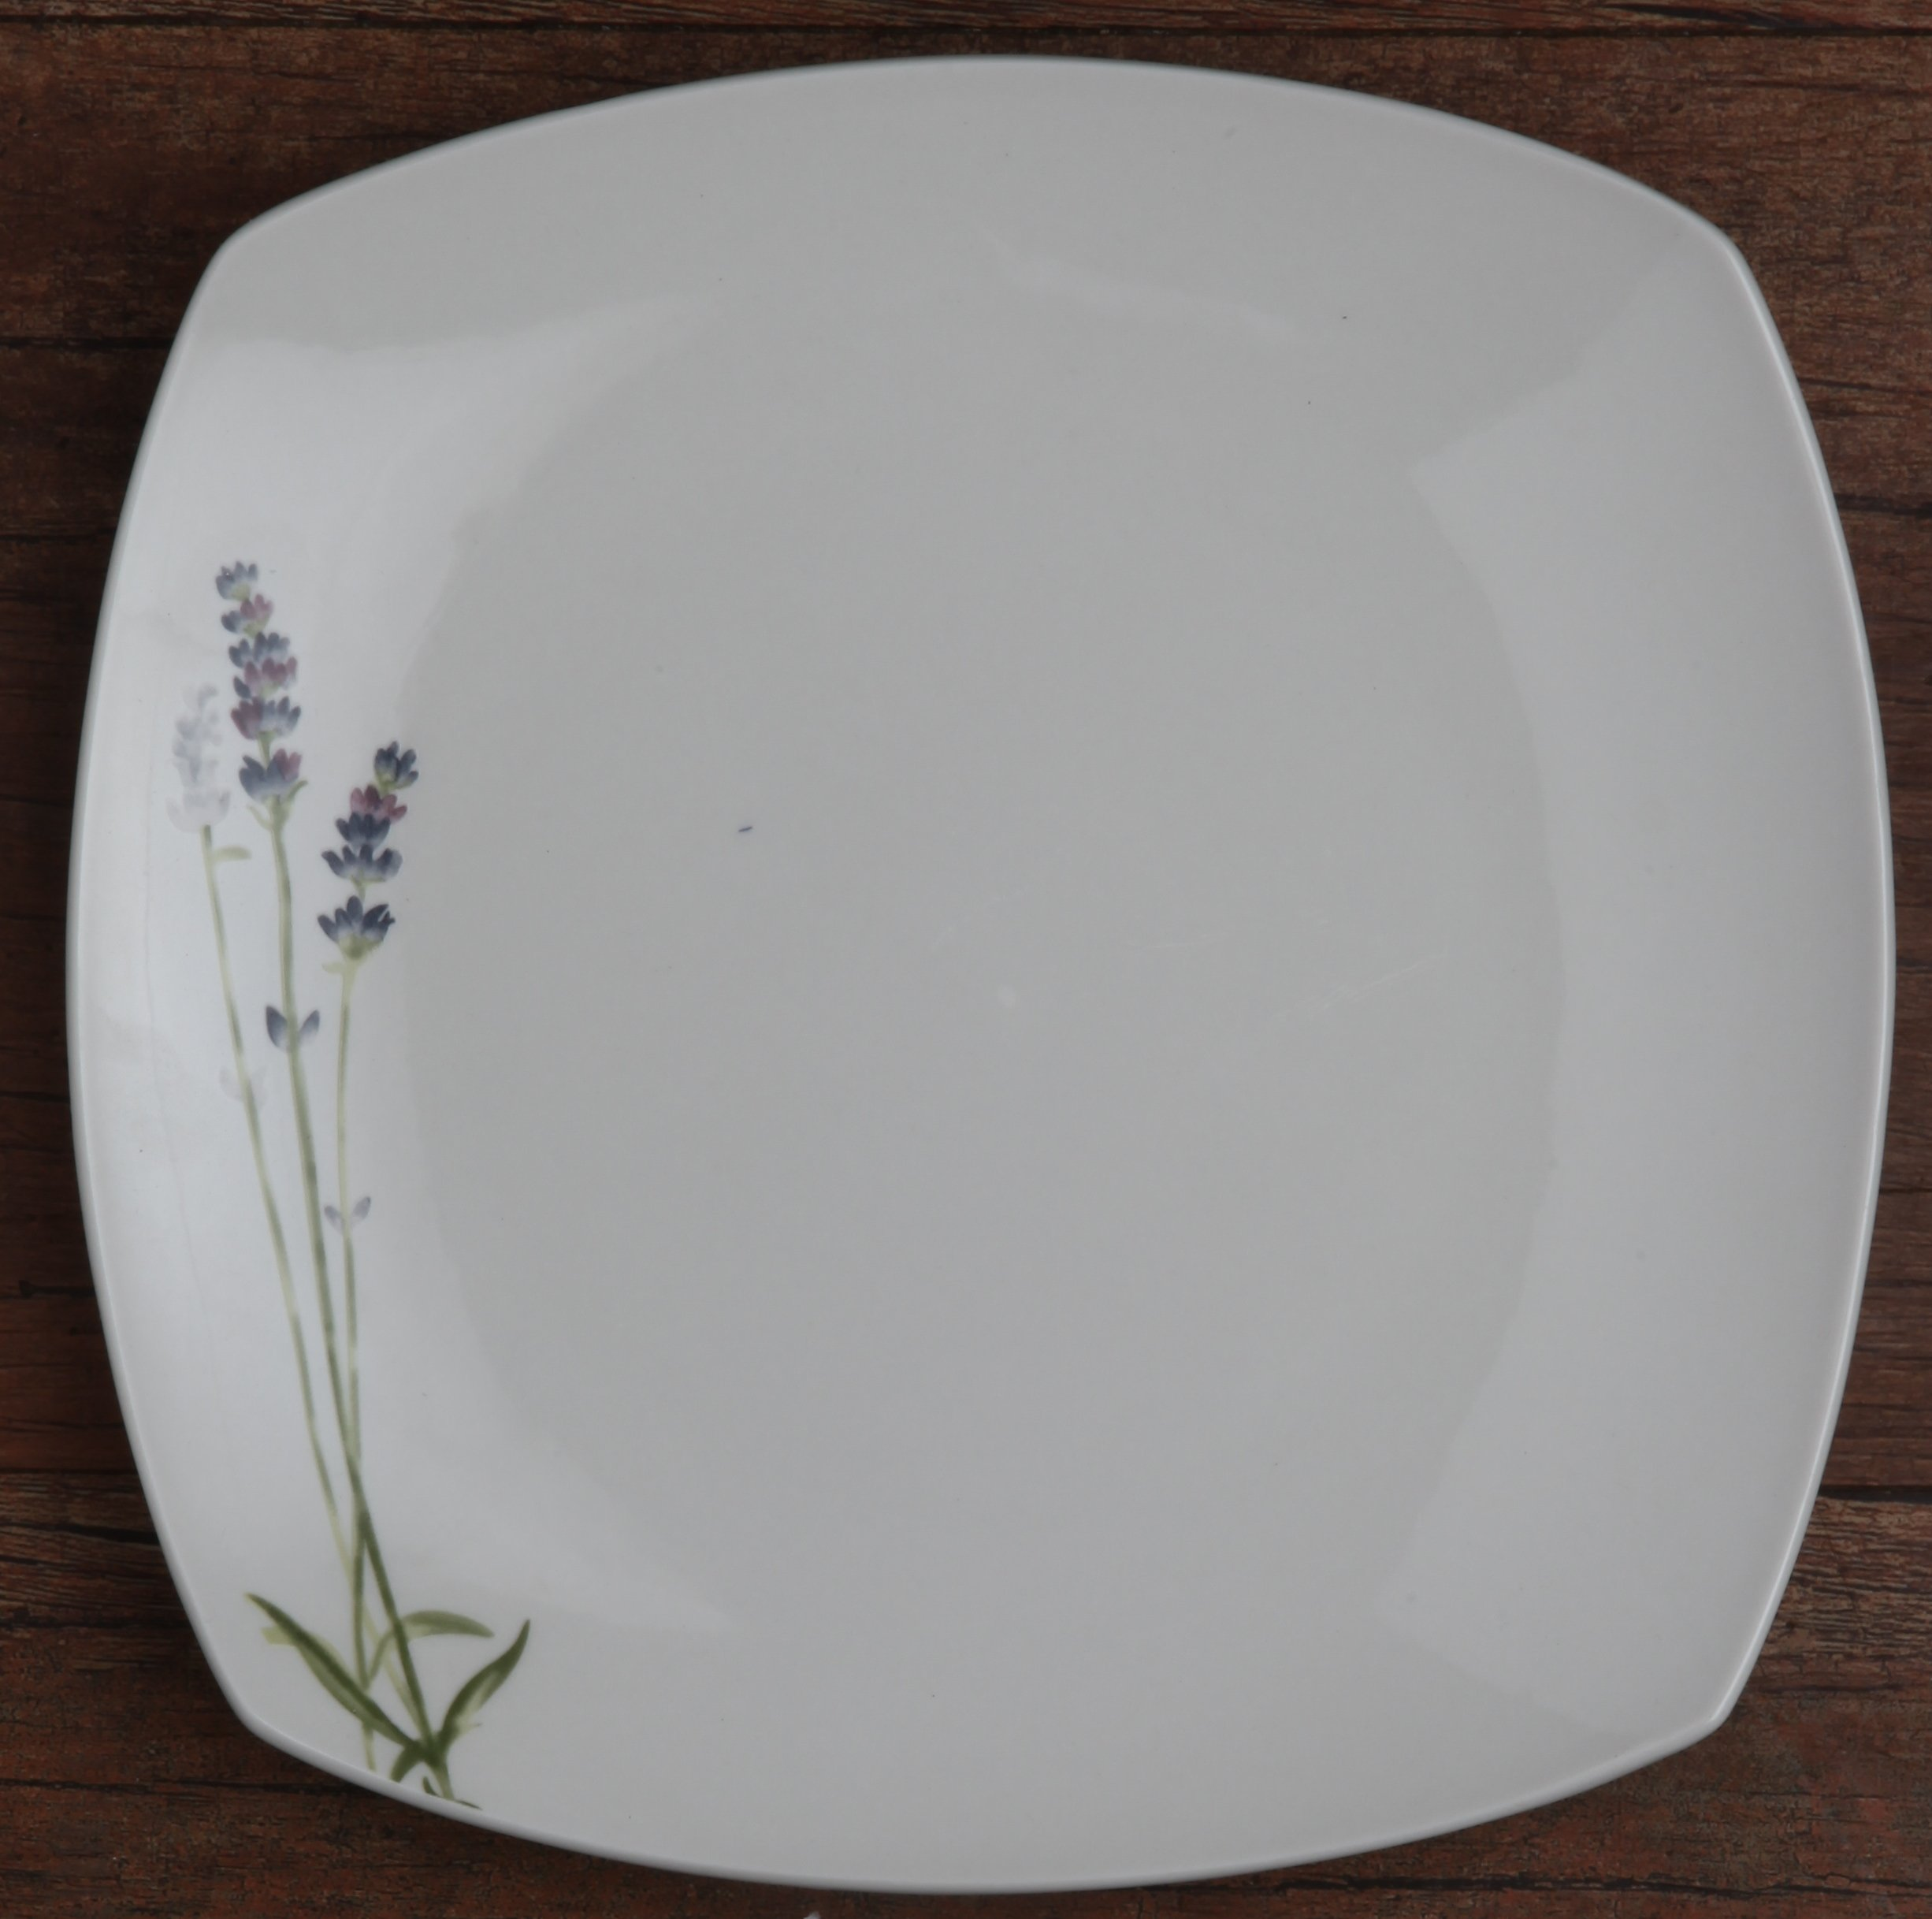 Melange Square 32-Piece Porcelain Dinnerware Set (Lavender) | Service for 8 | Microwave, Dishwasher & Oven Safe | Dinner Plate, Salad Plate, Soup Bowl & Mug (8 Each) by Melange (Image #2)